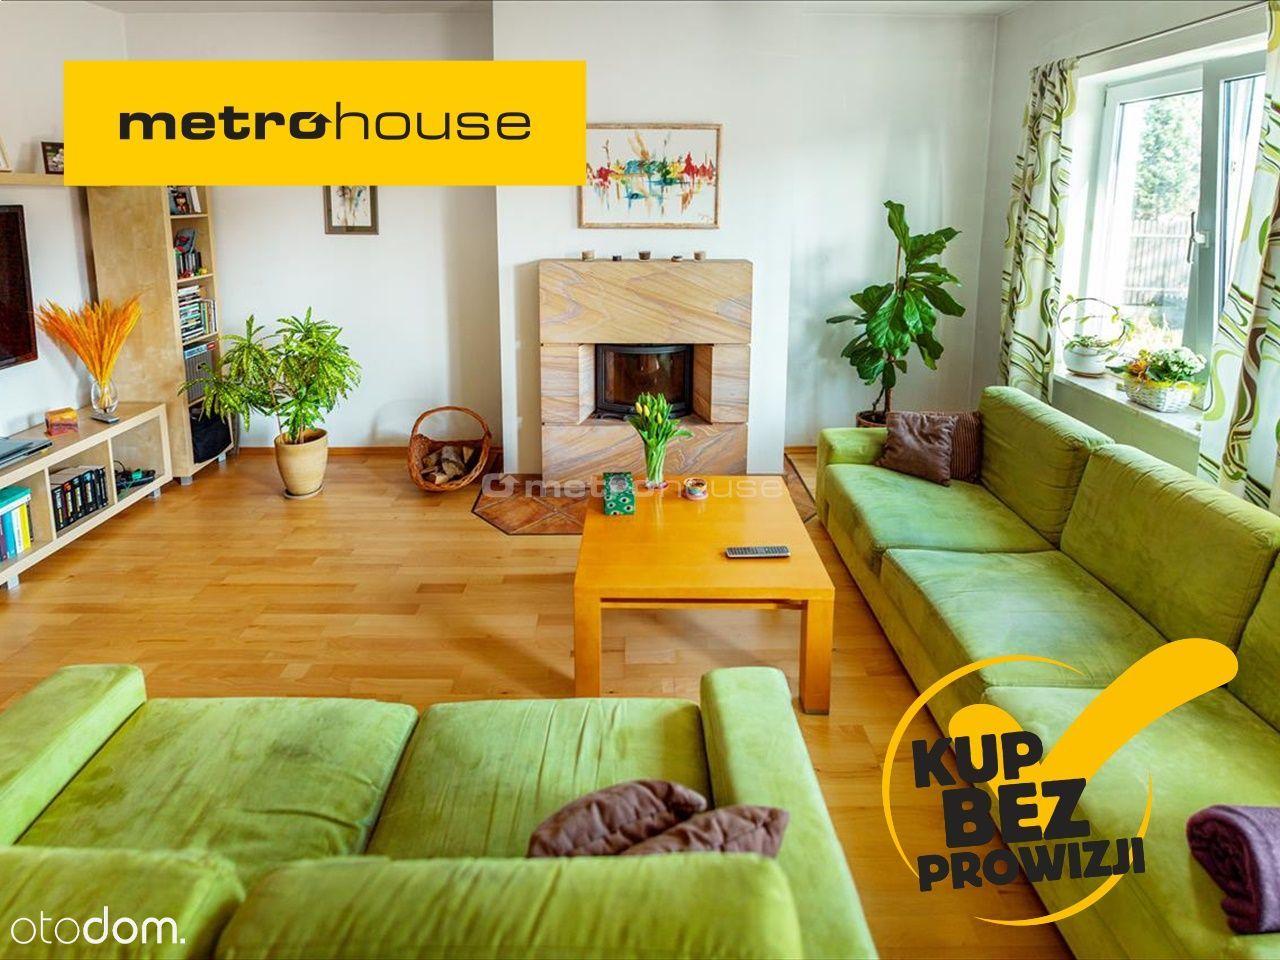 Dom idealny dla rodziny !!!!!!!